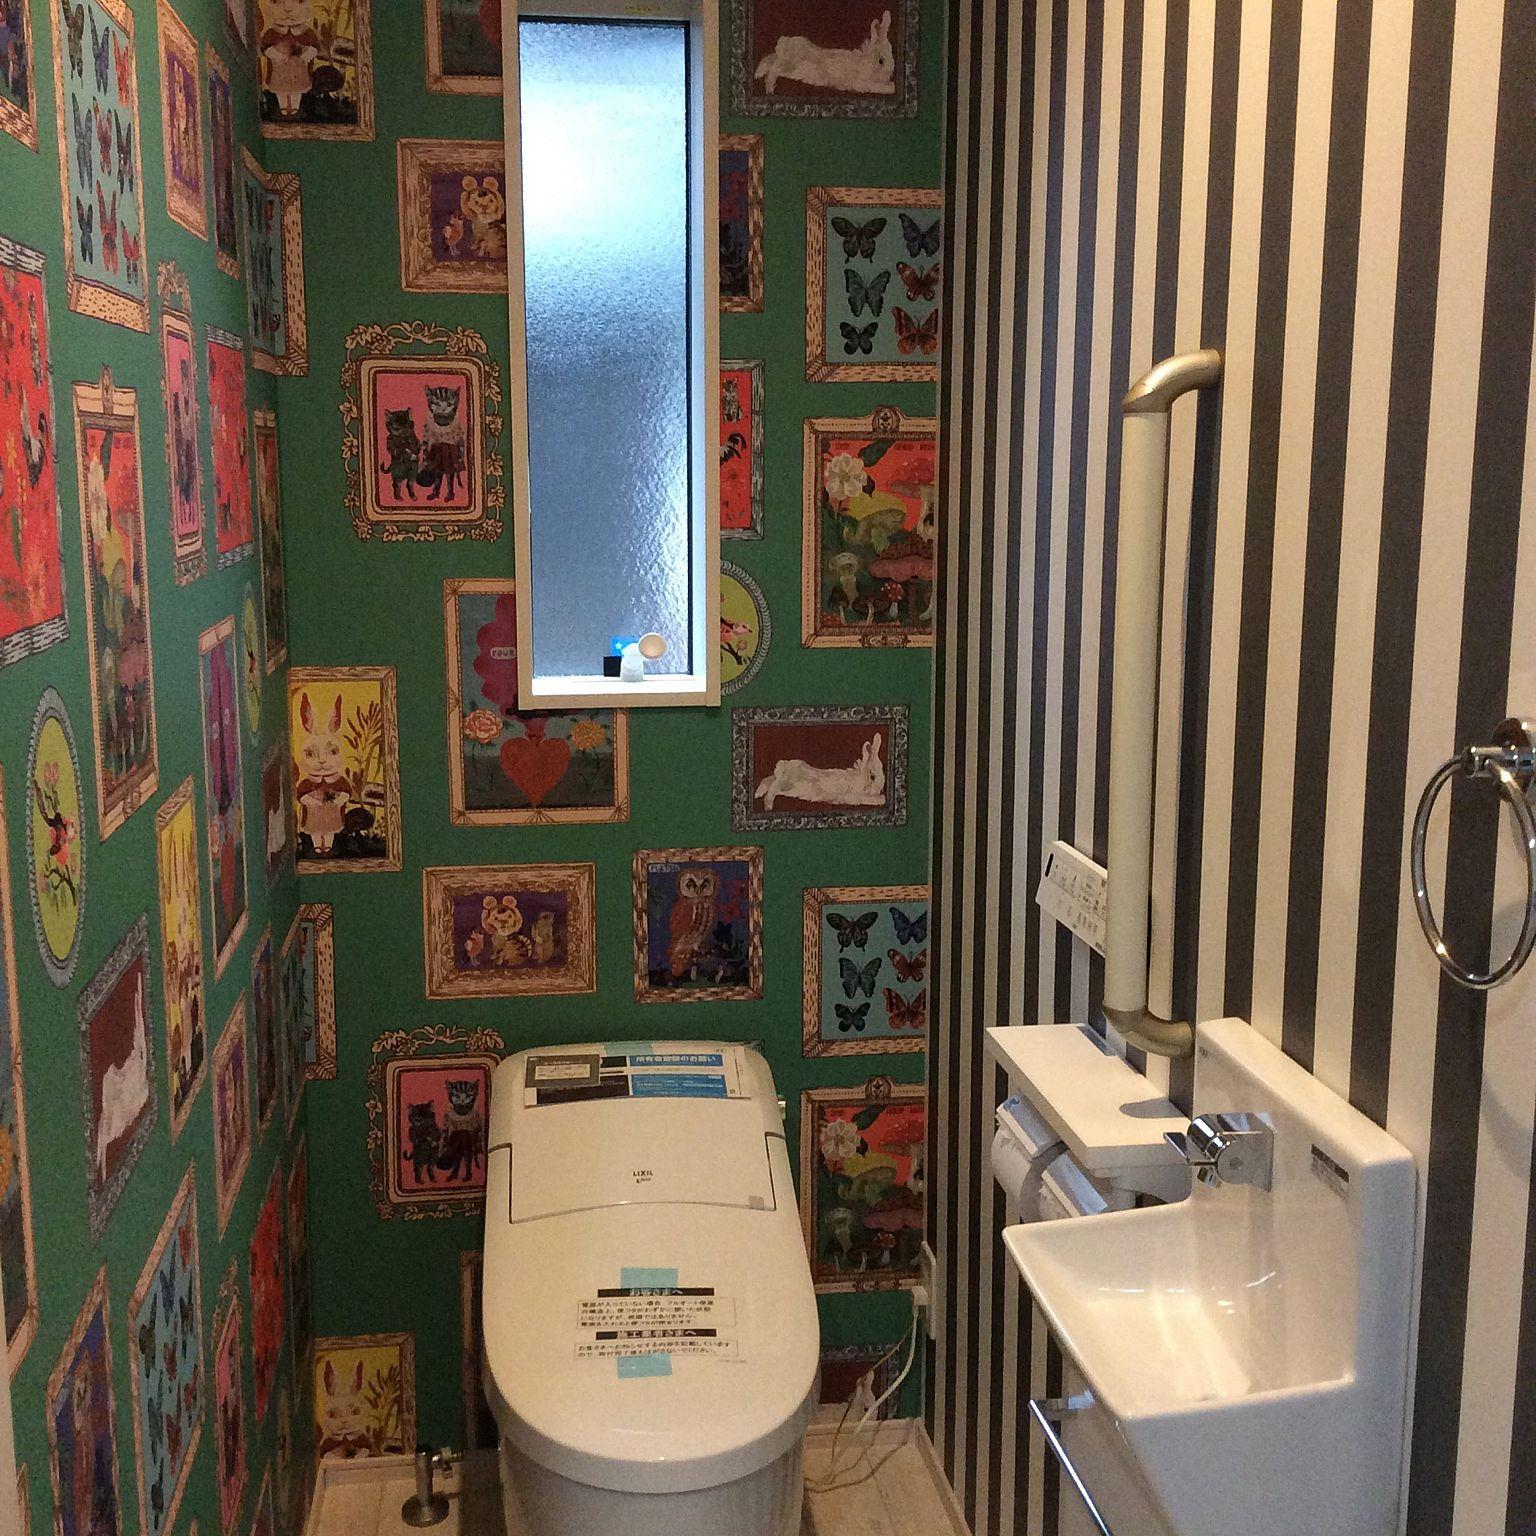 バス トイレ ストライプ リクシルのトイレ ナタリーレテの壁紙